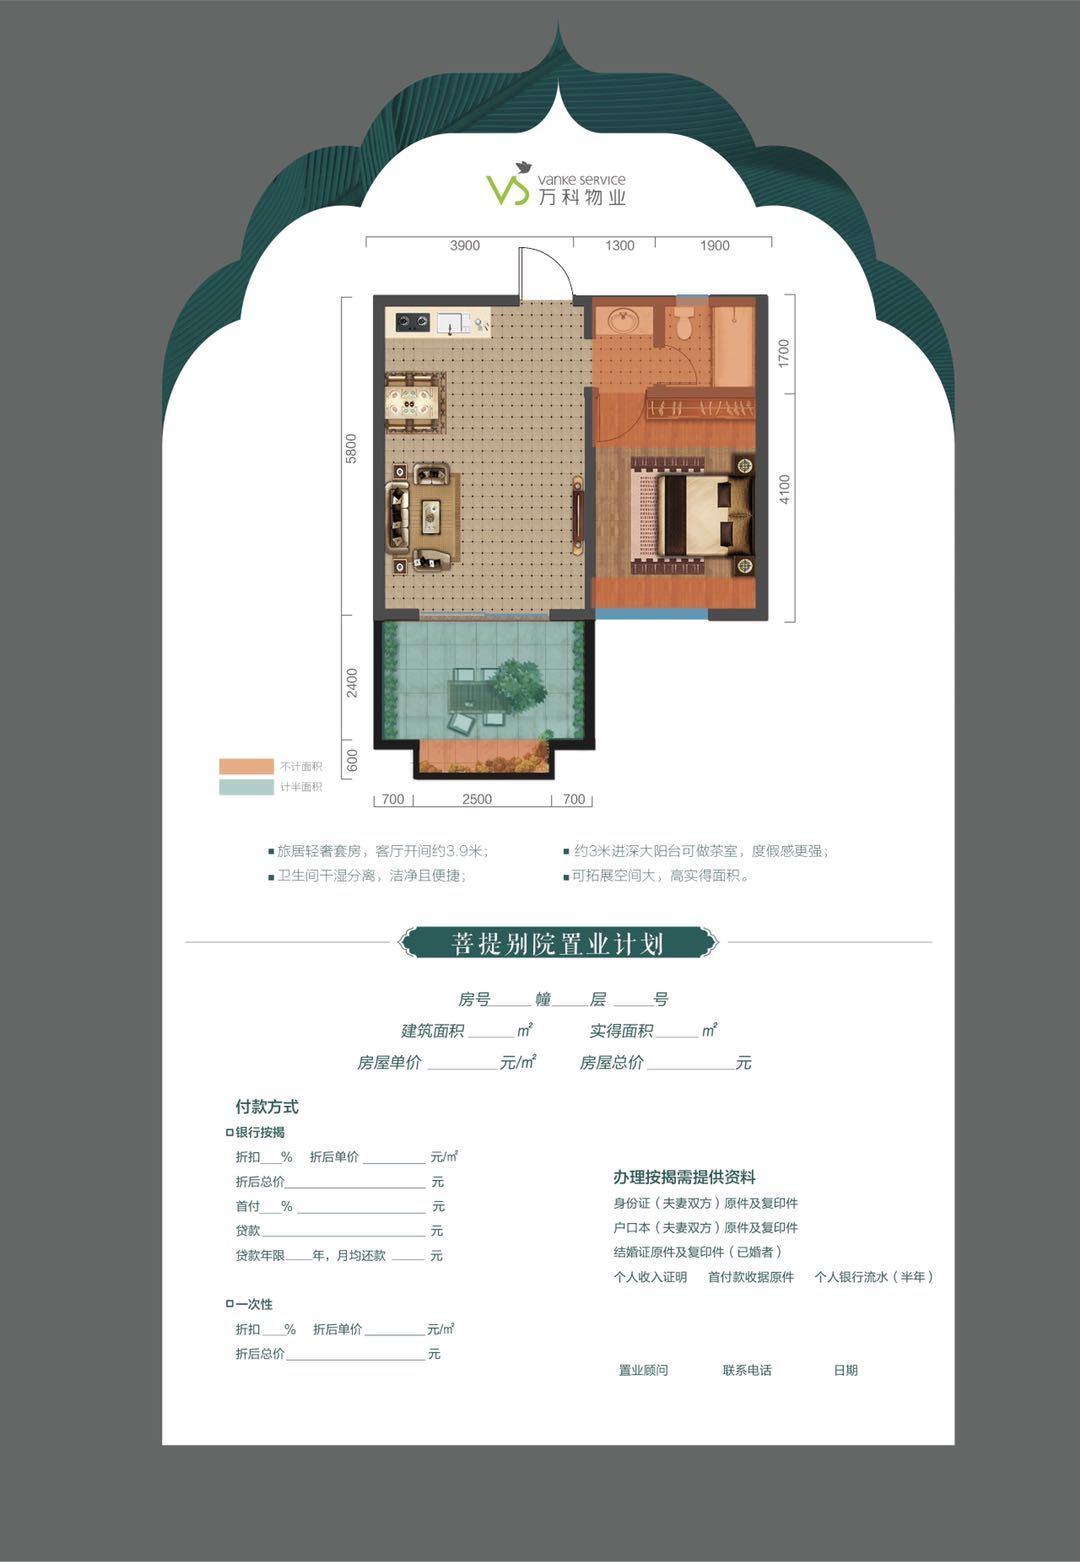 51个平方一室一厅怎么改成两室一厅求告知